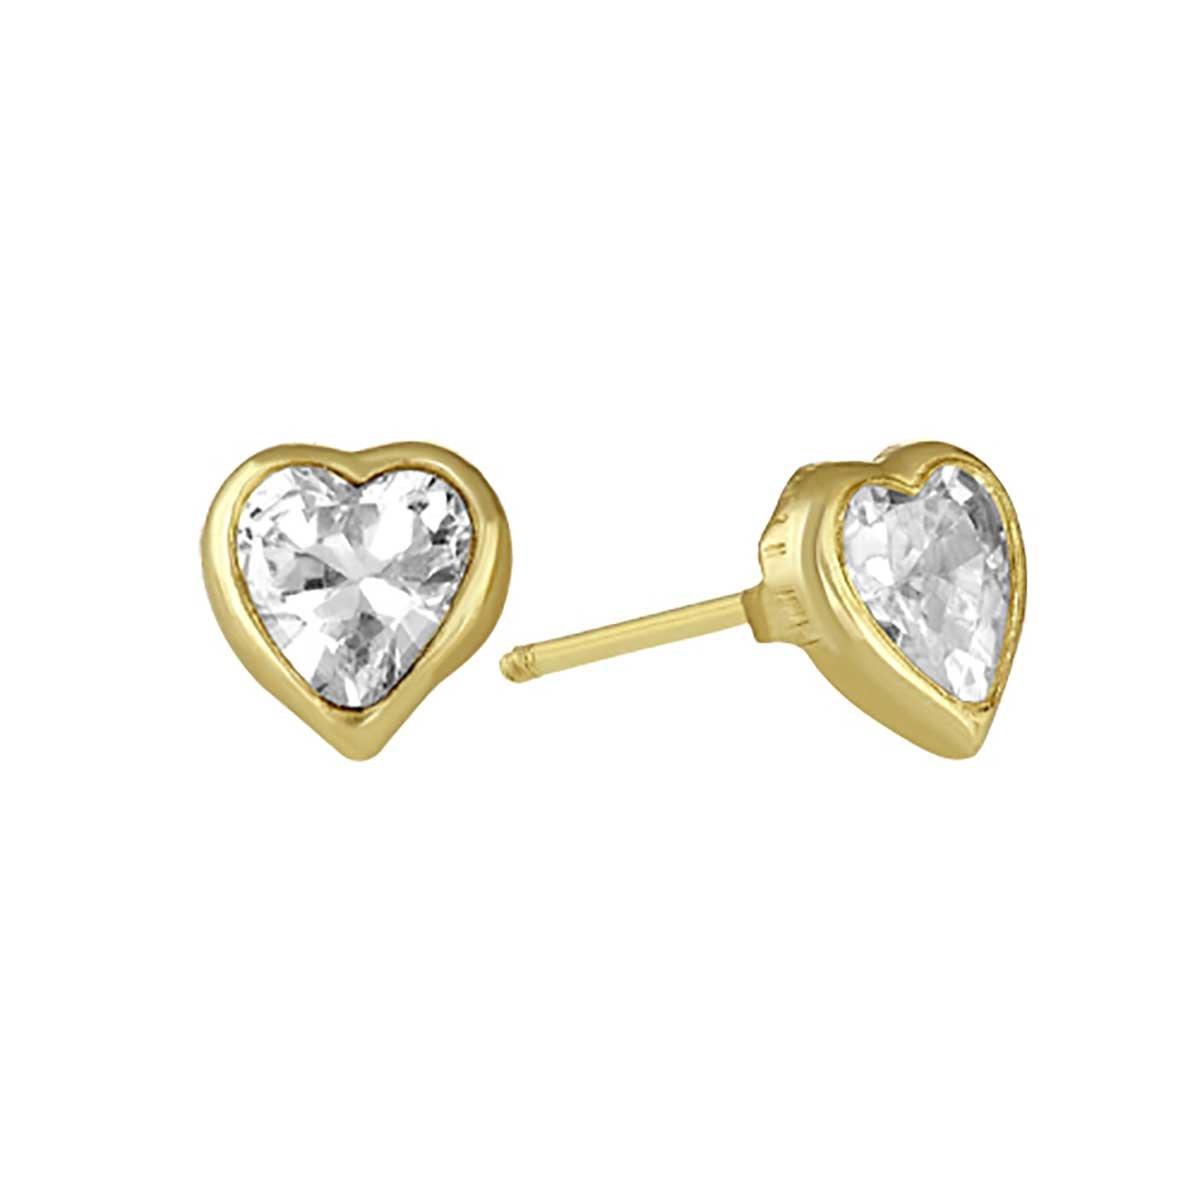 487b5554d747 Broquel de Oro 14K Biselado 4Mm Corazón Sabelli